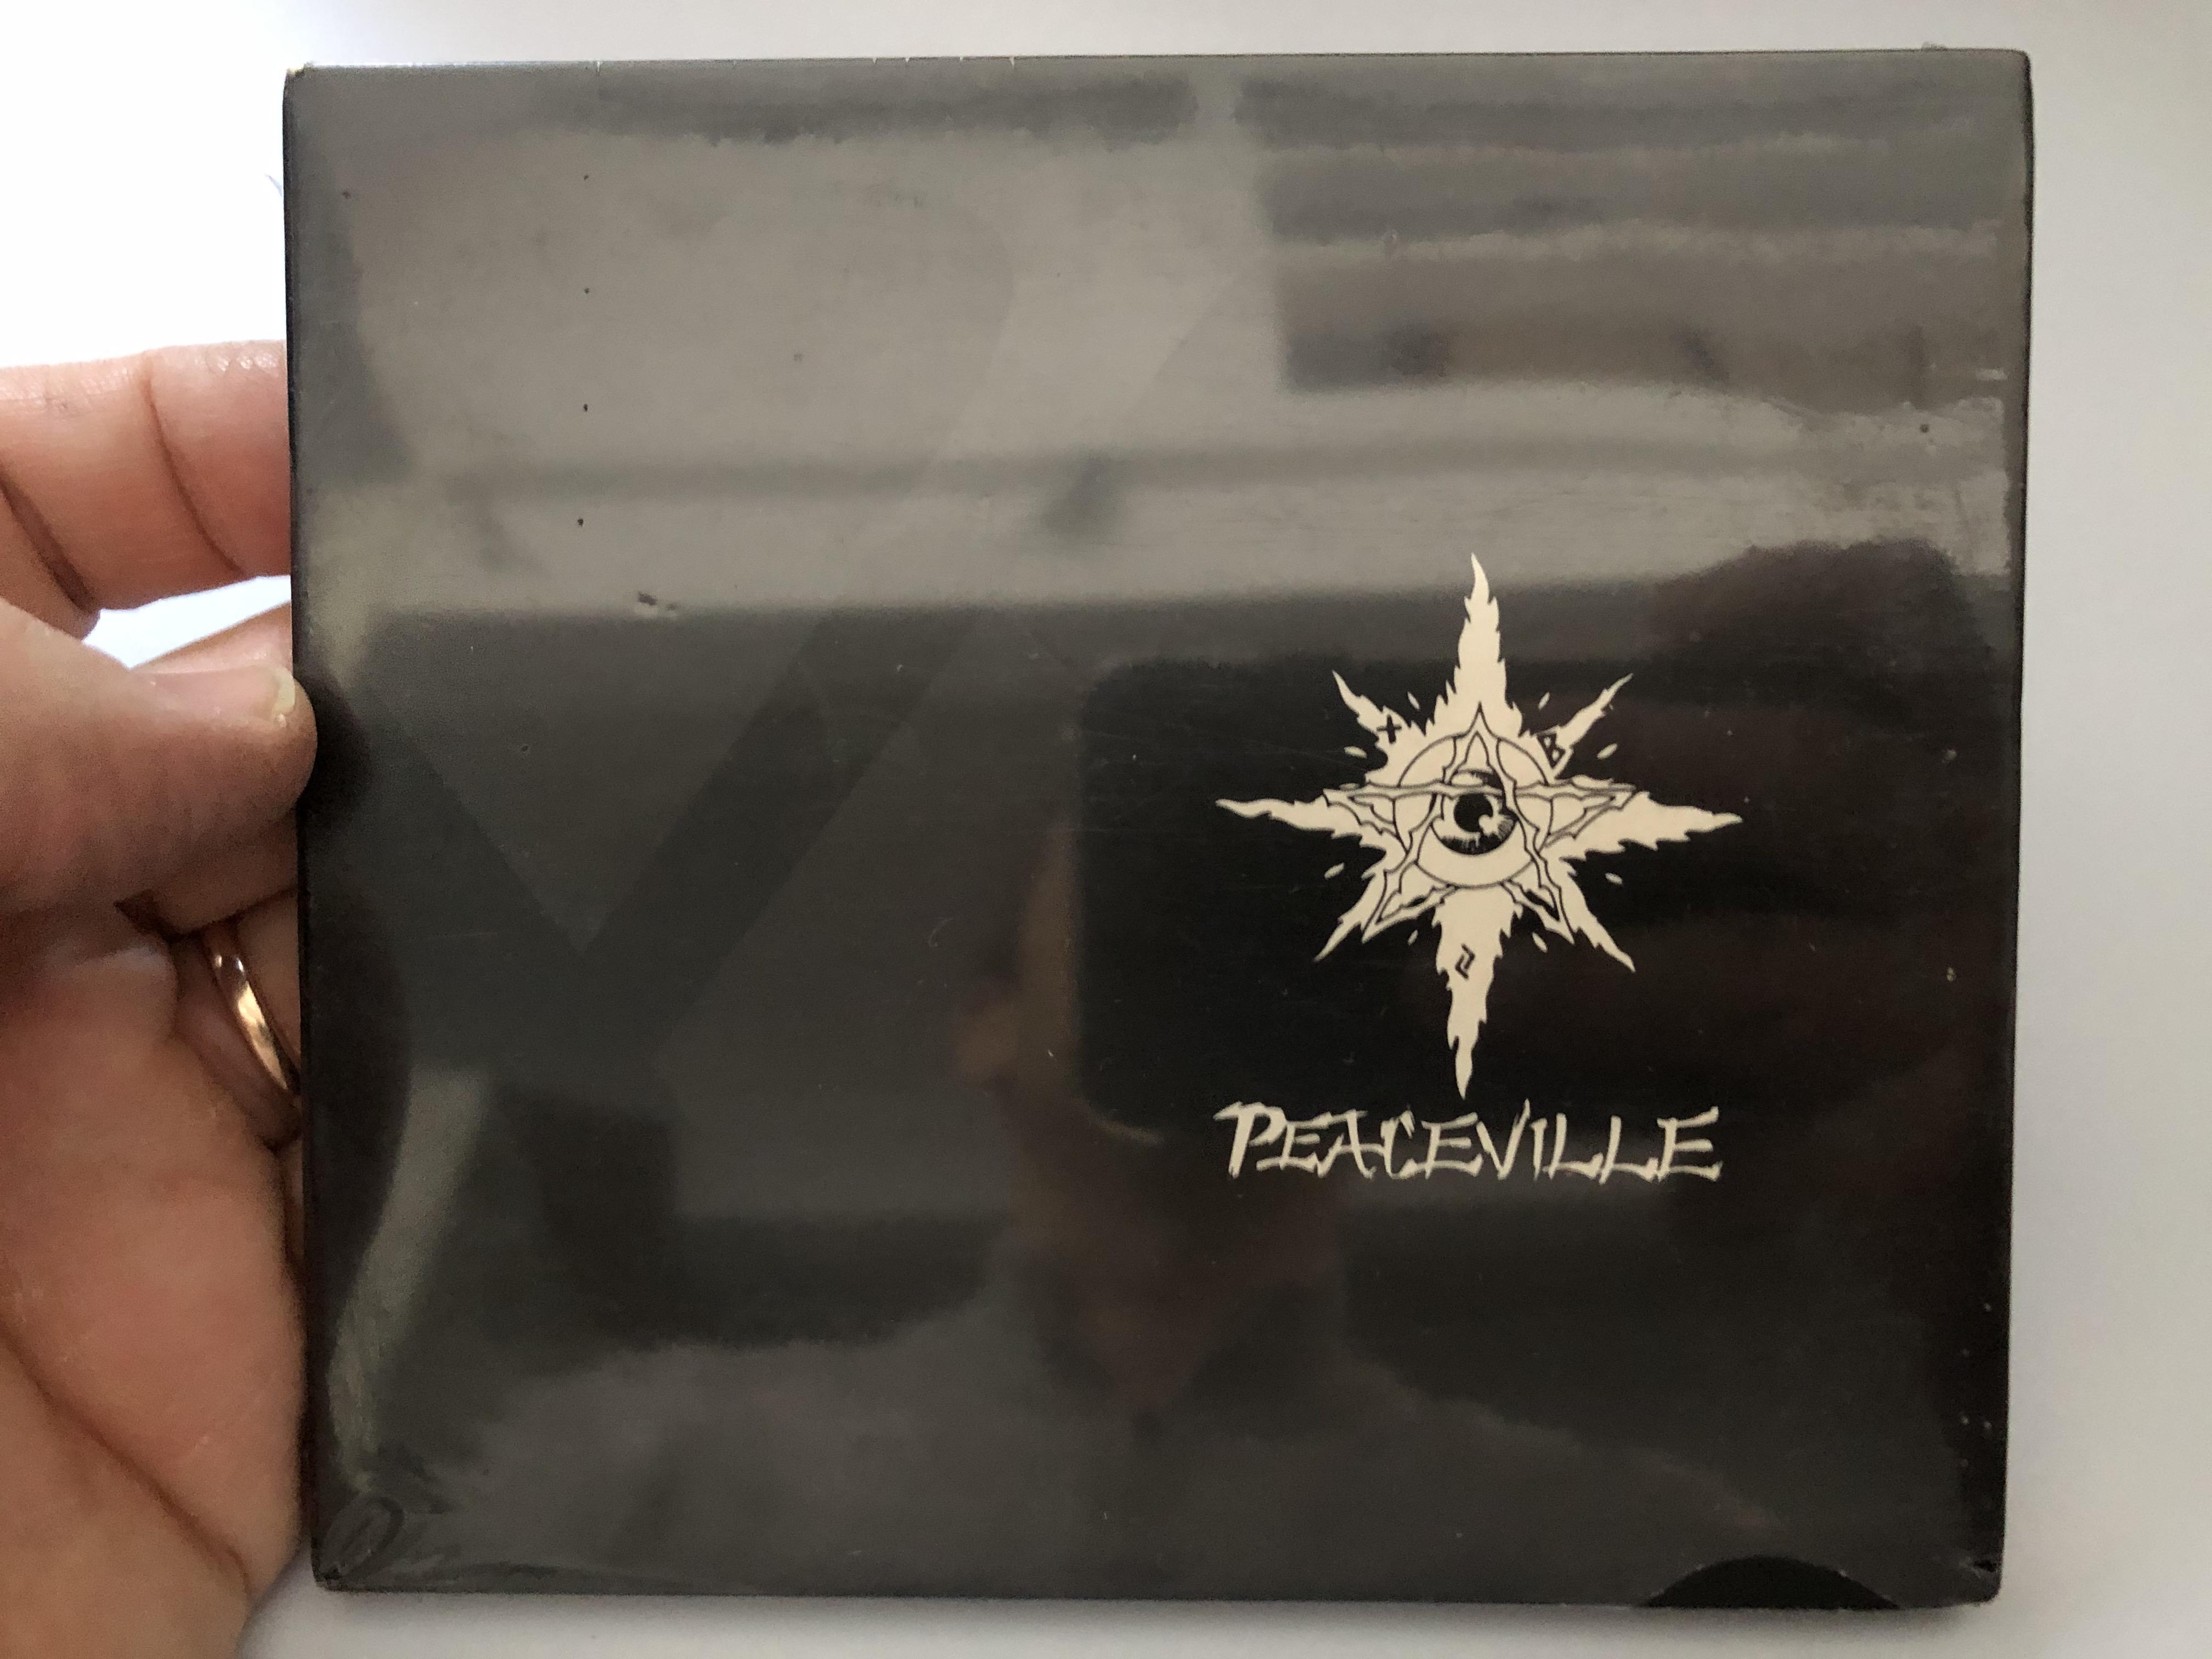 peaceville-peaceville-audio-cd-1998-cdvile-77-1-.jpg